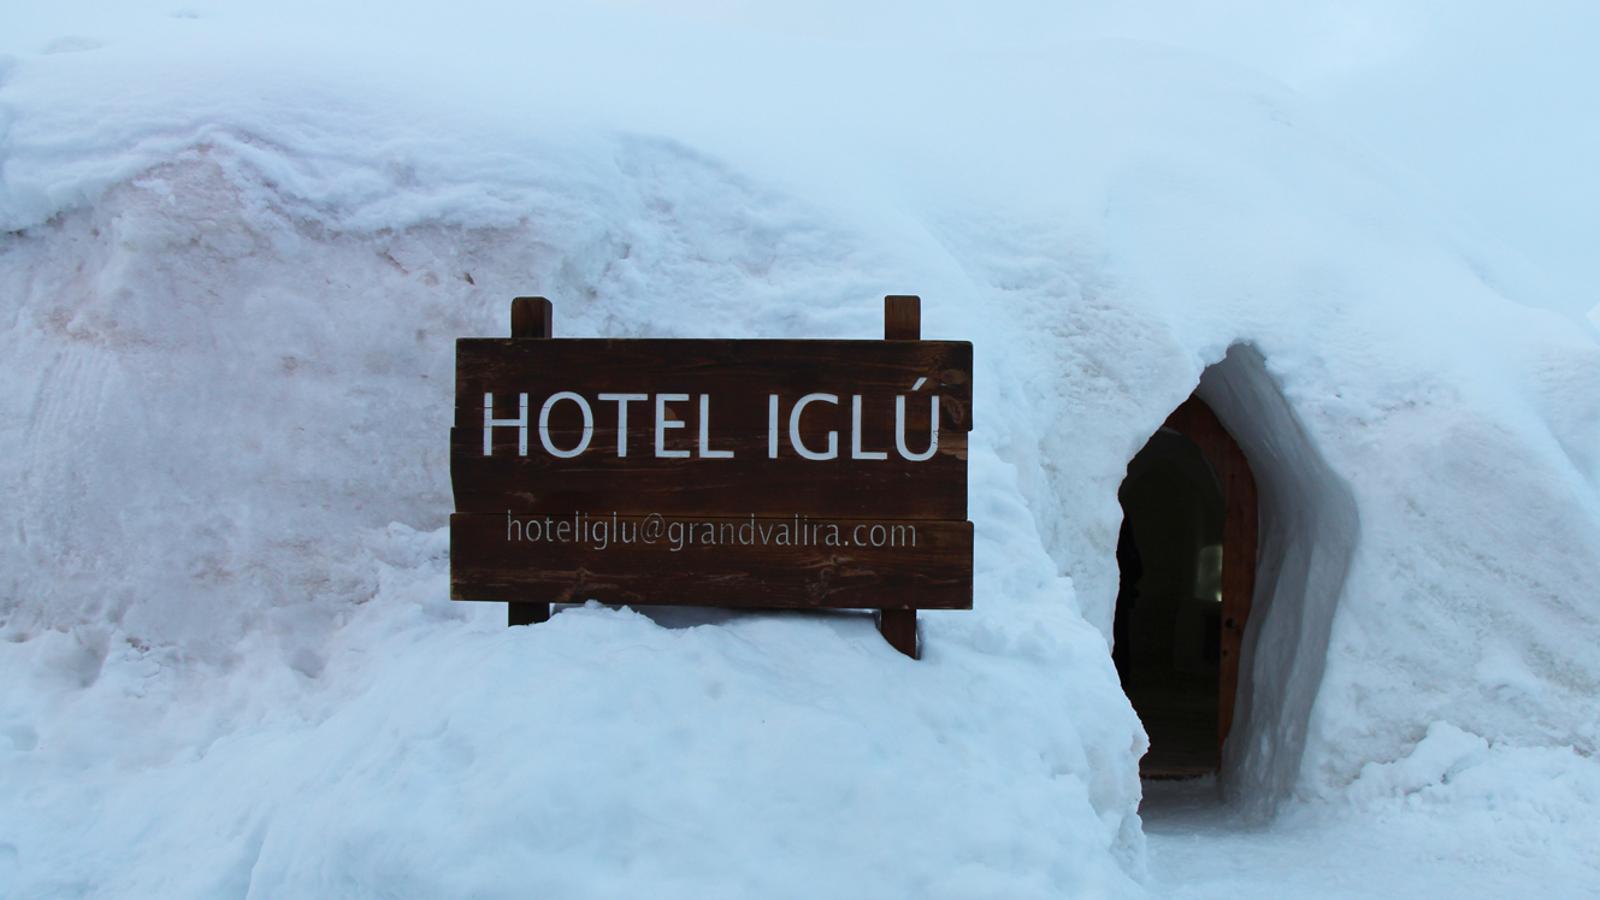 Entrada-Iglu-Grandvalira-Grau-ANA_196241